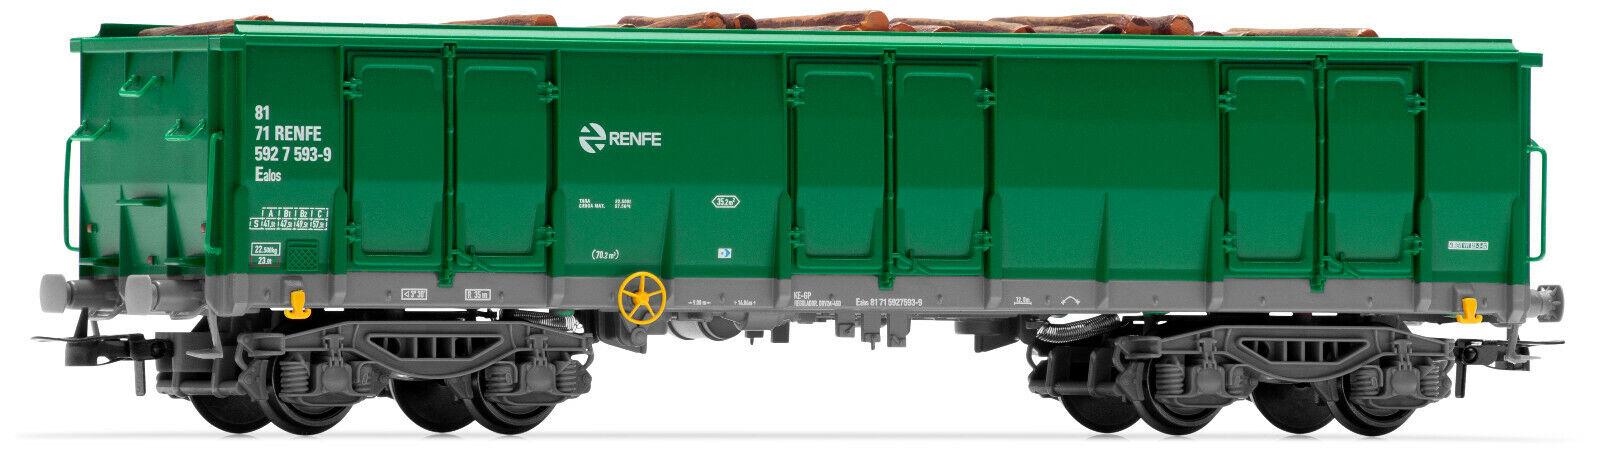 Electredren E6541 offener Güterwagen Ealos Renfe Ep.V-Vi neu OVP